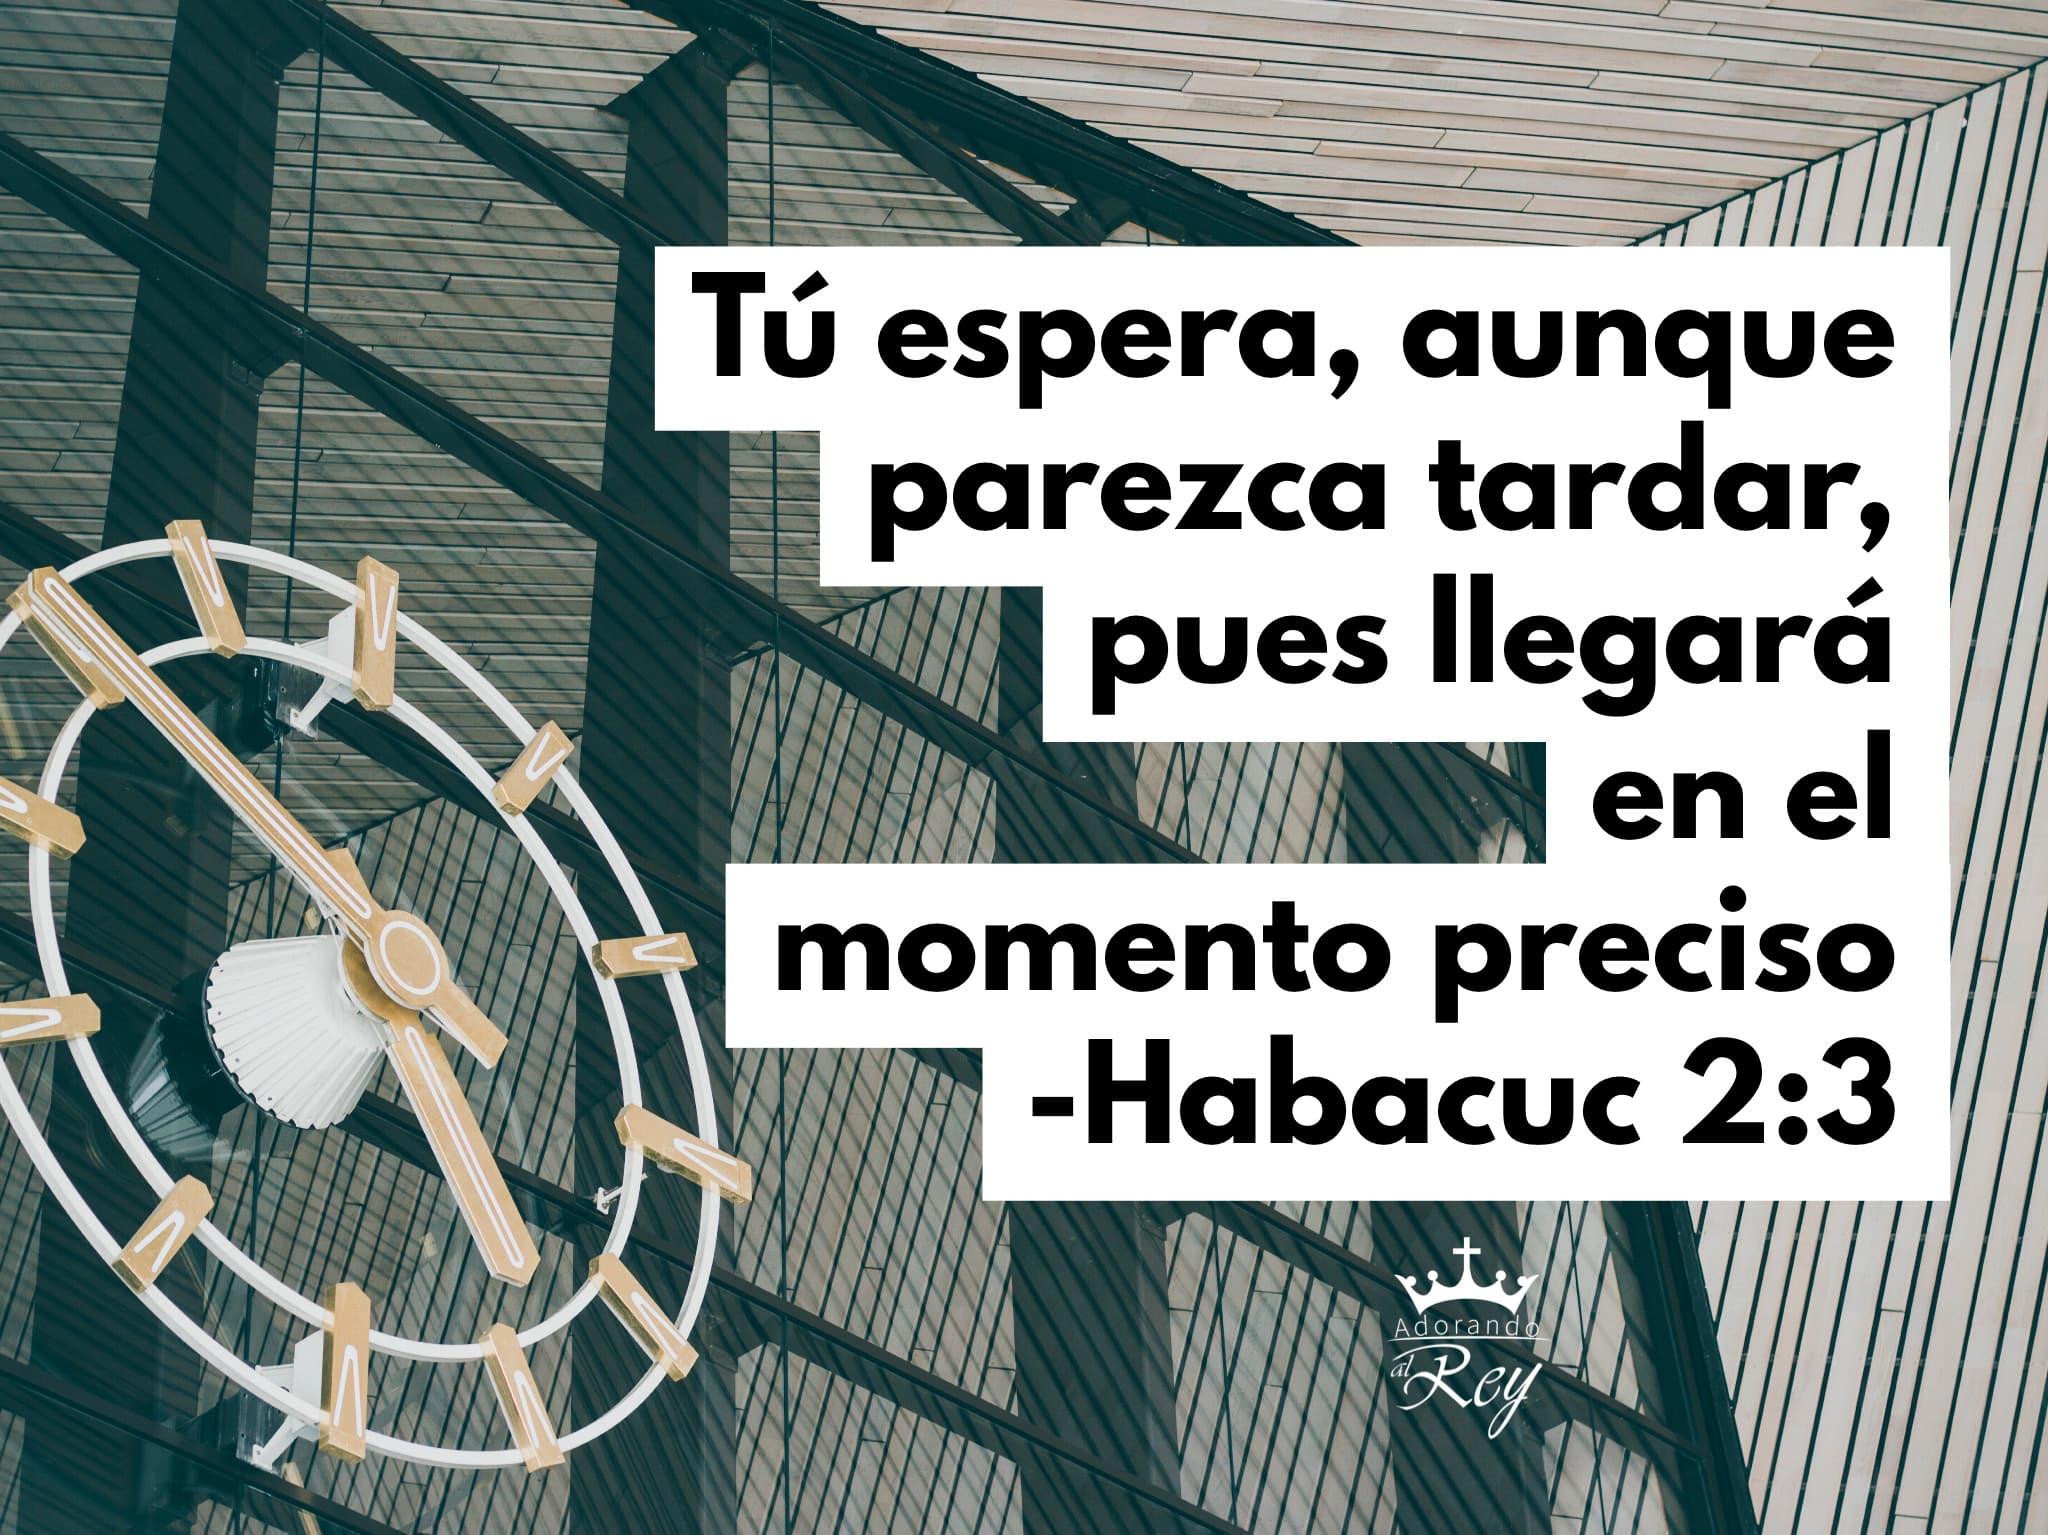 Habacuc 2:3